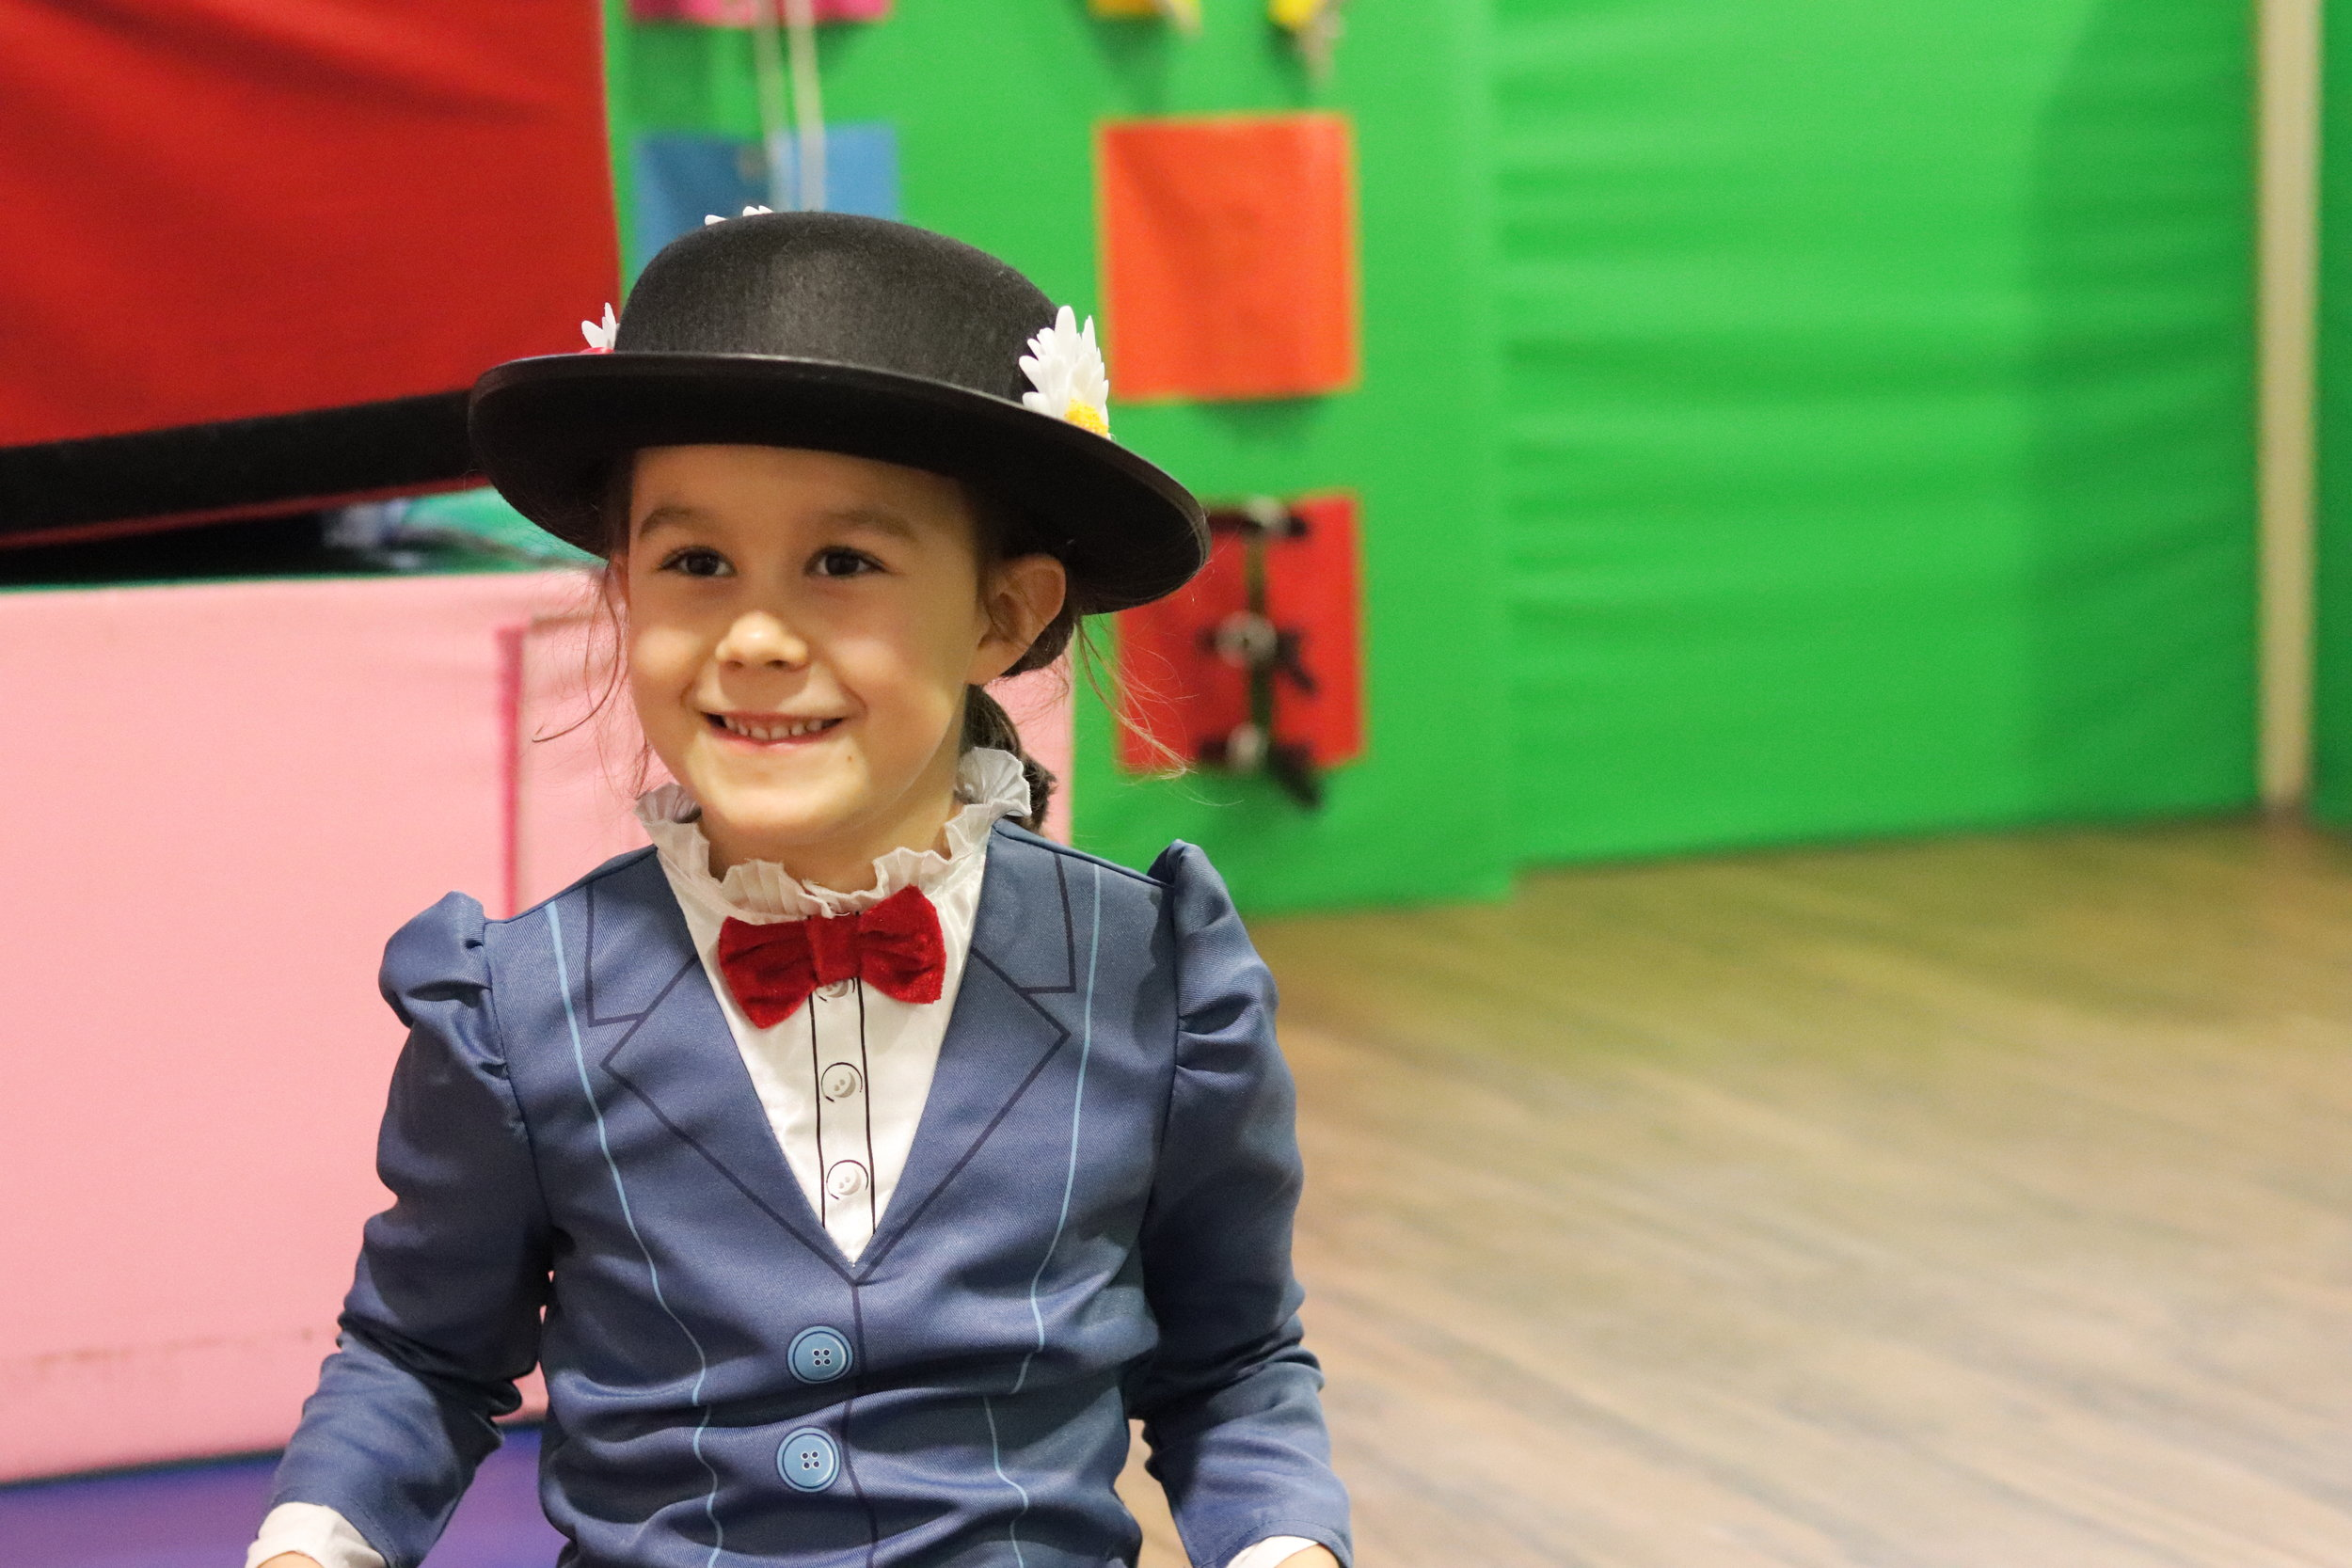 Mary Poppins Camp